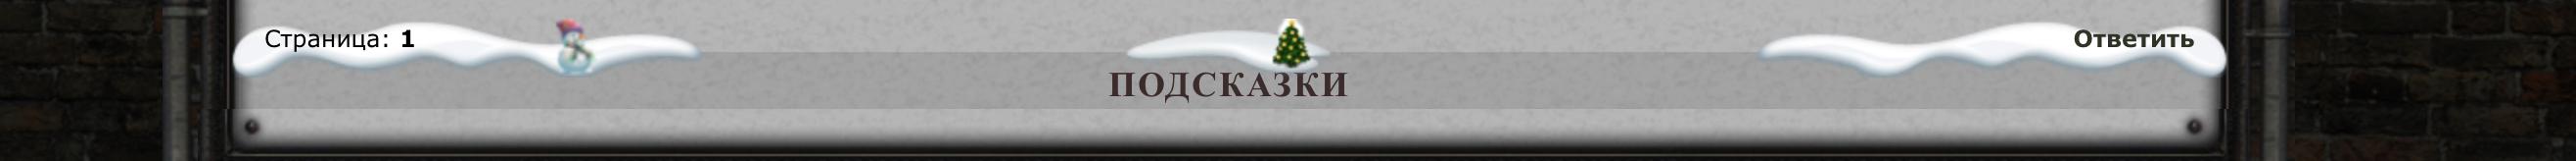 https://forumupload.ru/uploads/0007/e3/f7/6763/776022.jpg